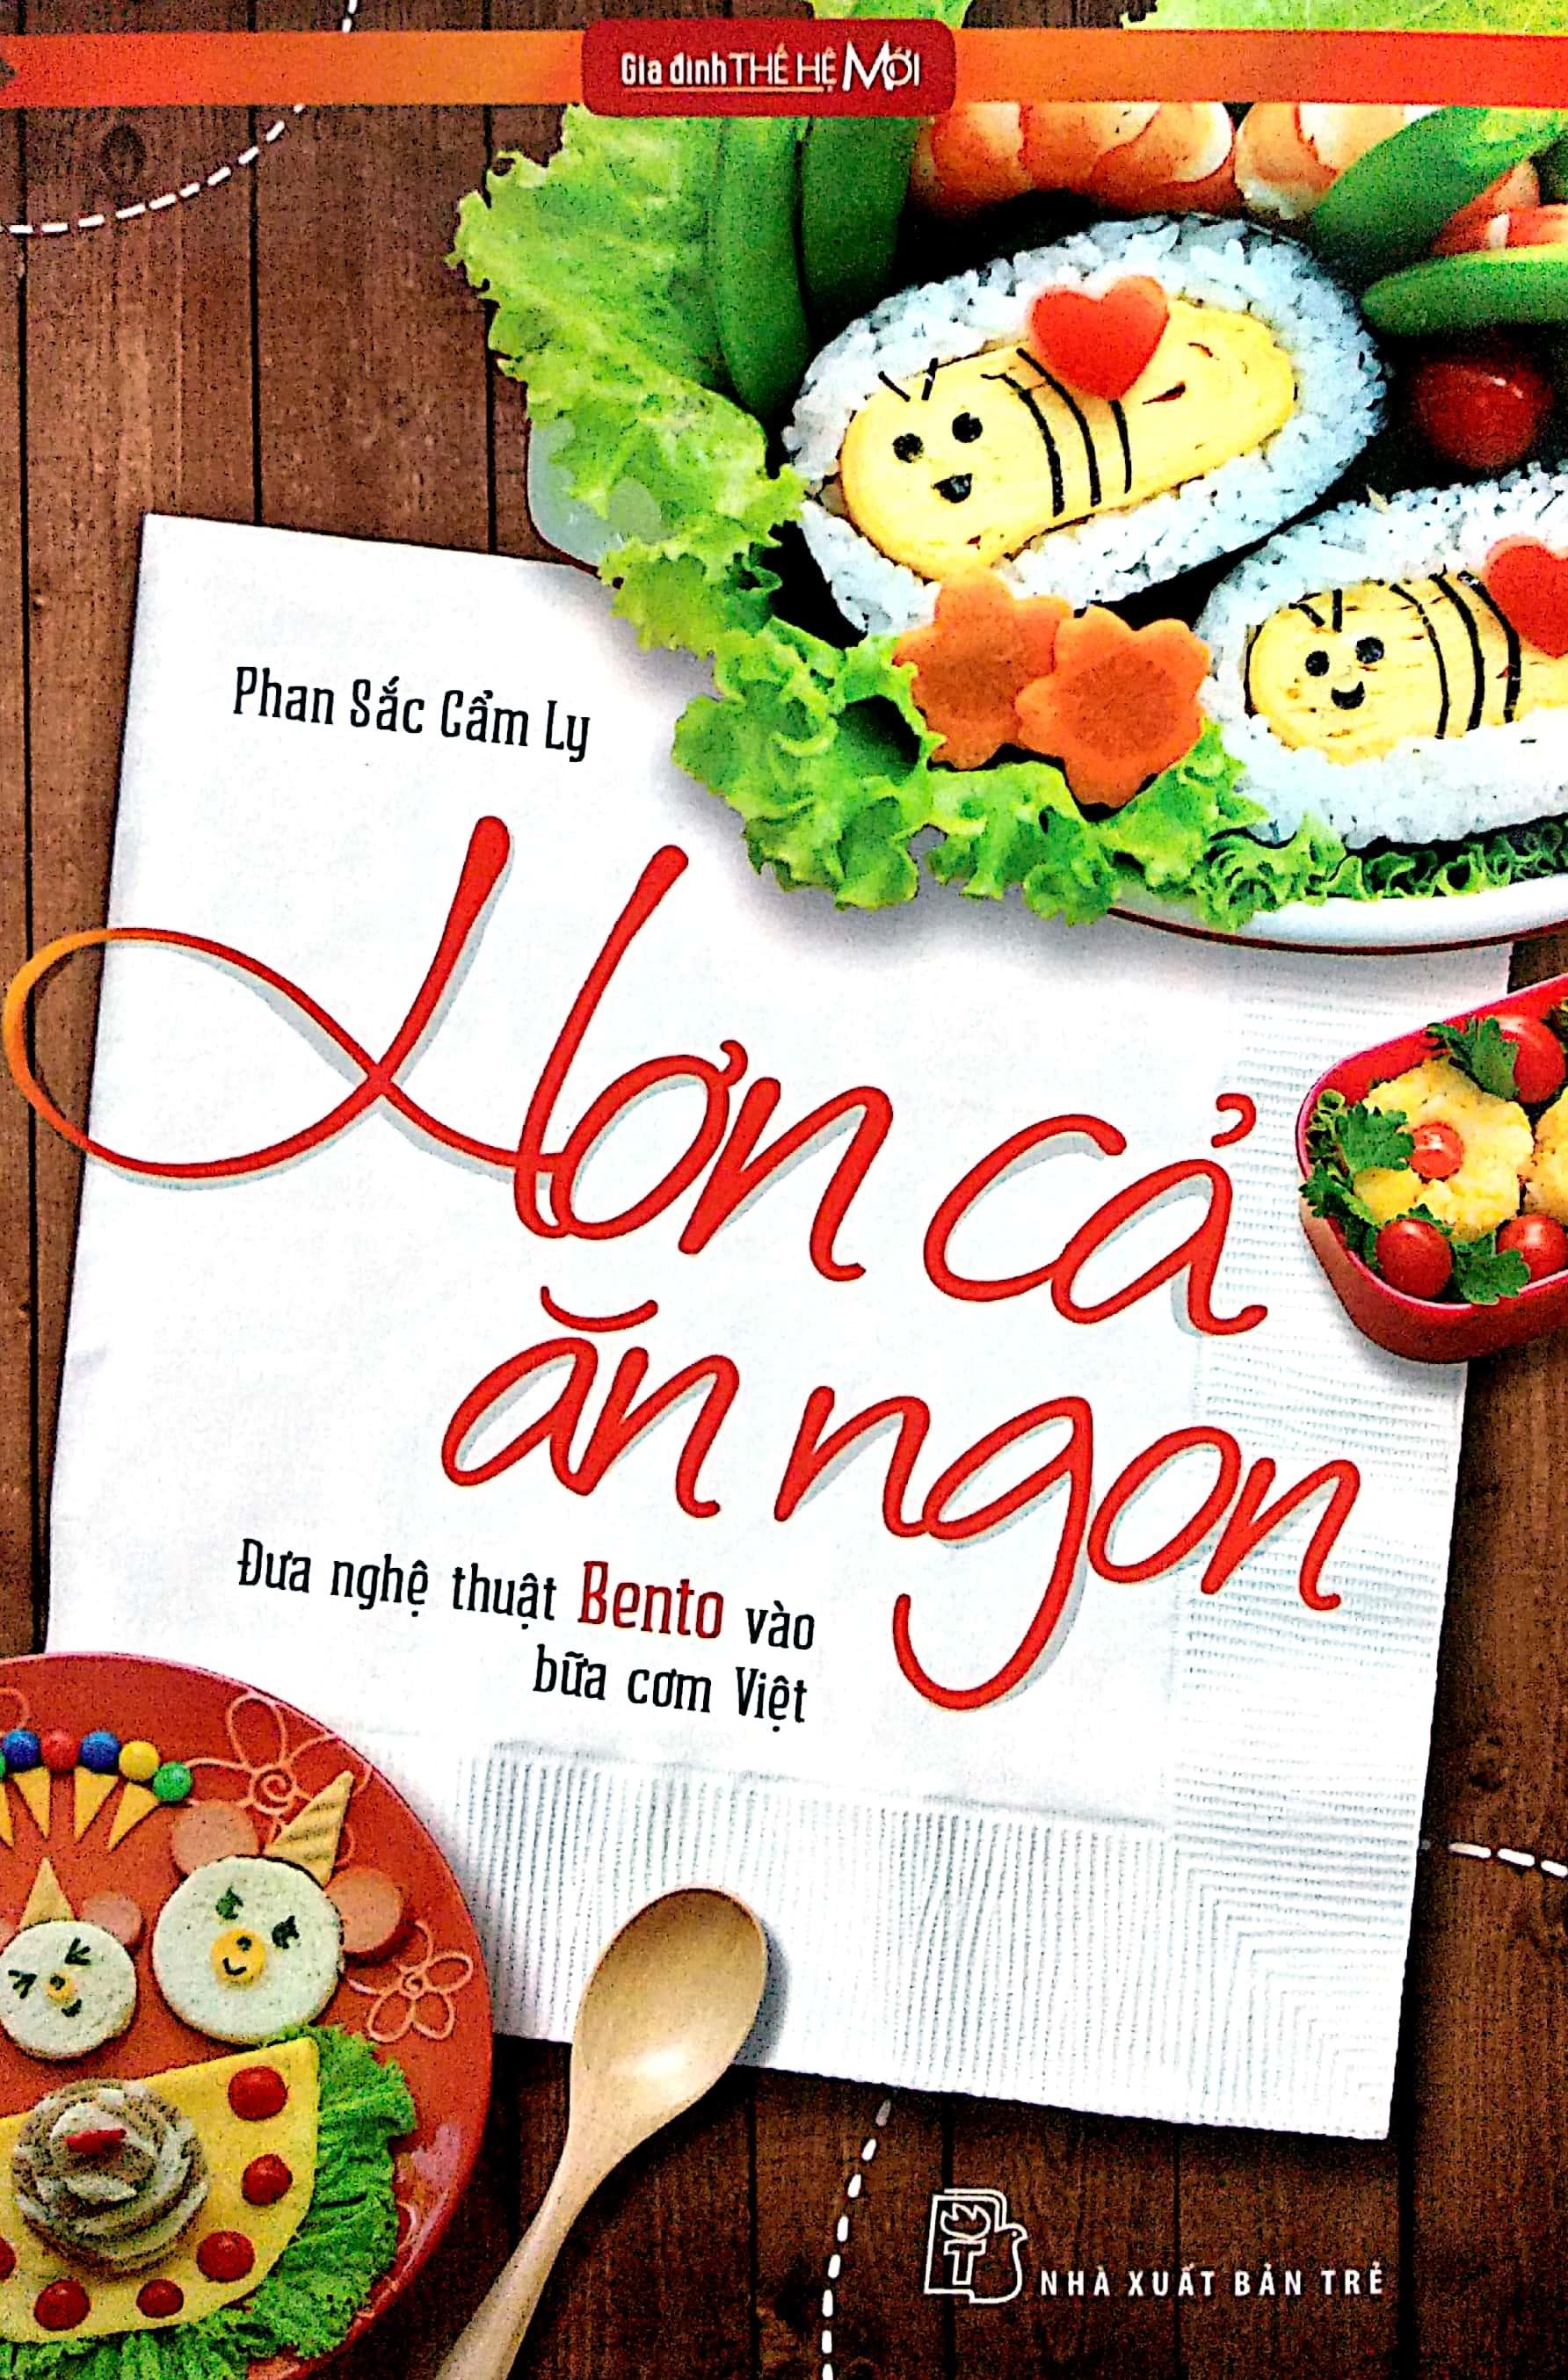 Sách Hơn Cả Ăn Ngon - FAHASA.COM